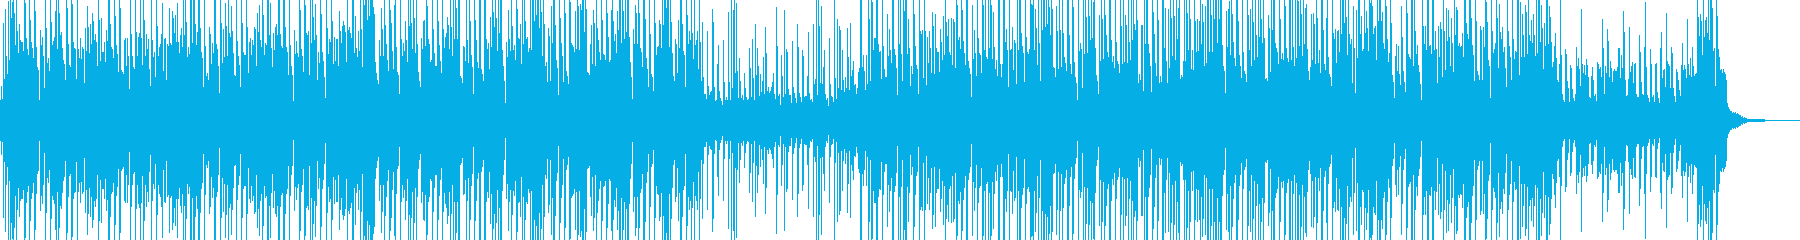 日常 まったりな雰囲気に適したBGMの再生済みの波形